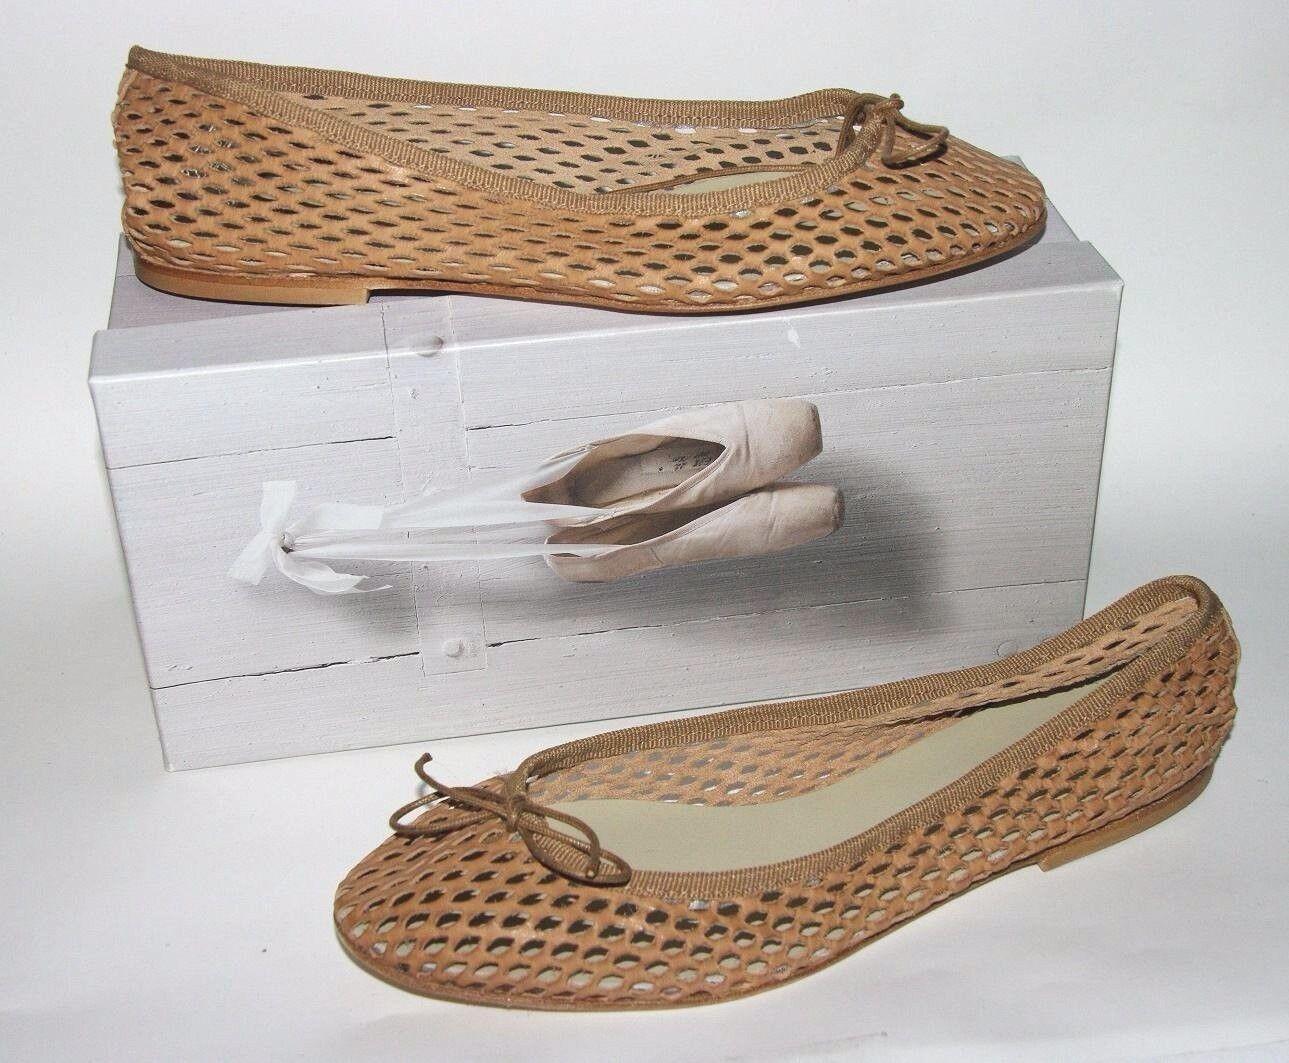 New $180 Anniel Ballet Flats Pumps  Shoes 9.5US  10 EU